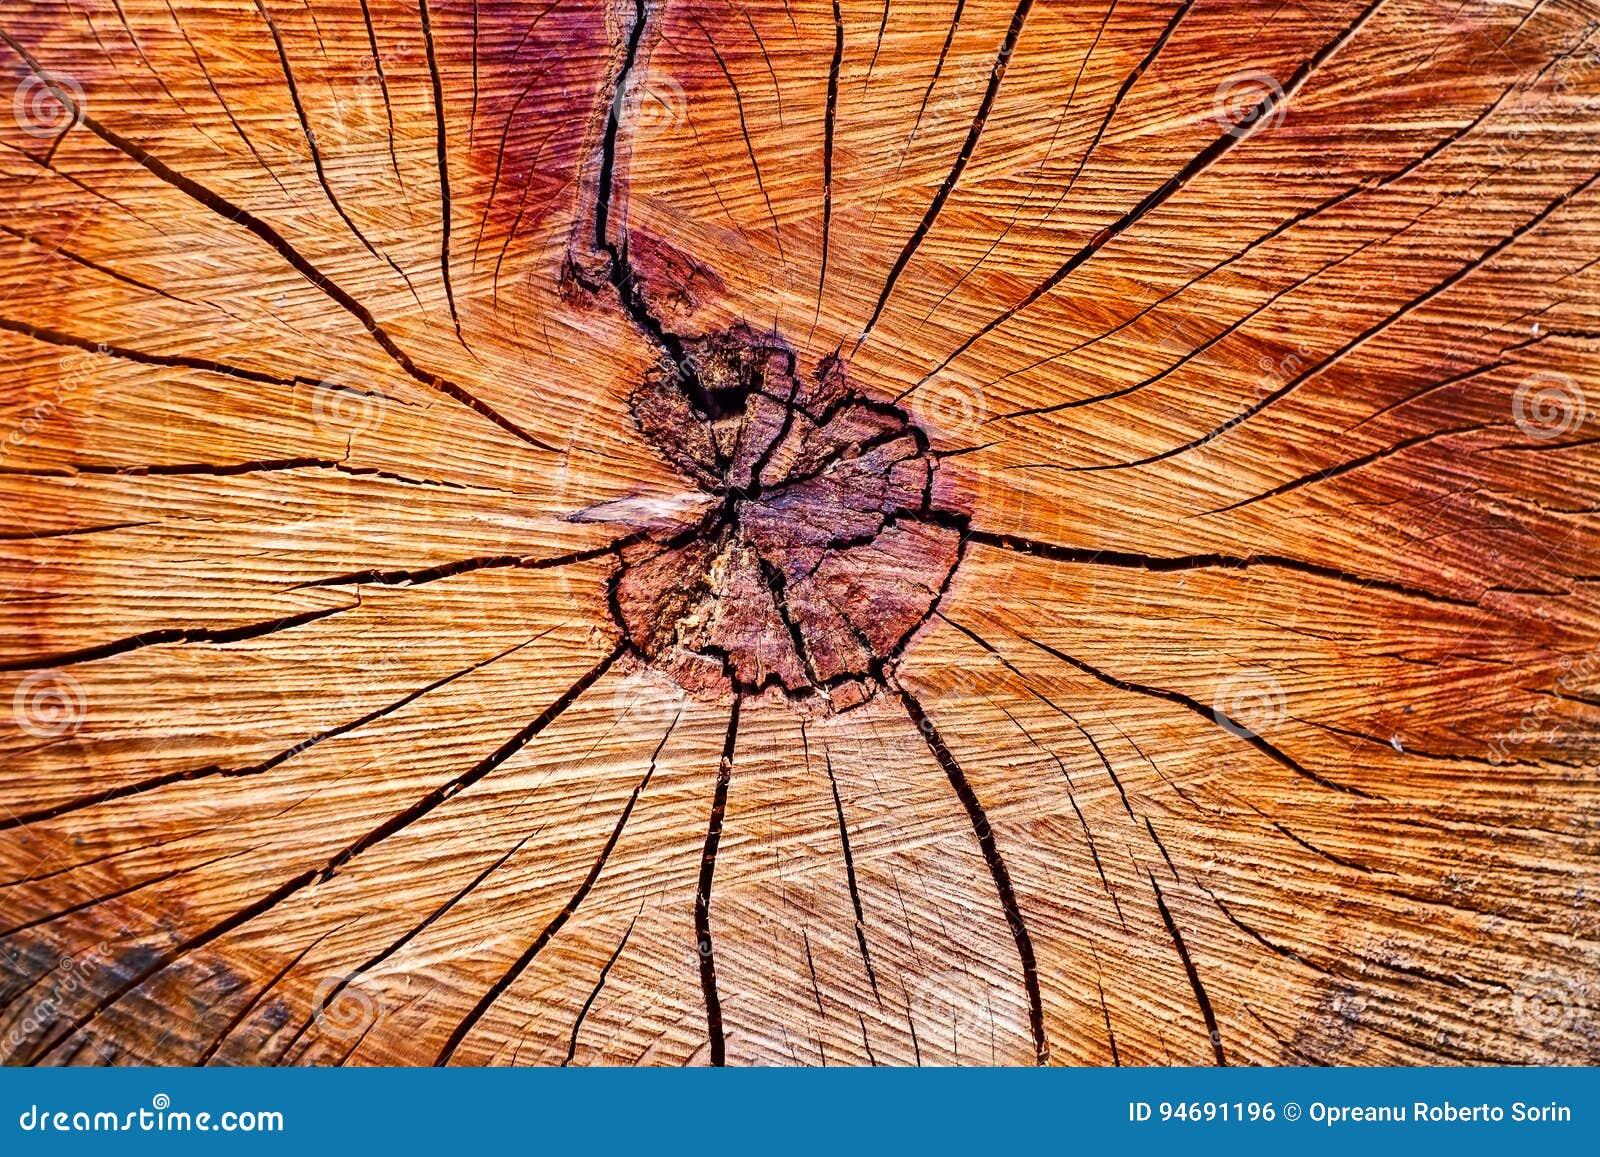 Seção transversal de um tronco de árvore